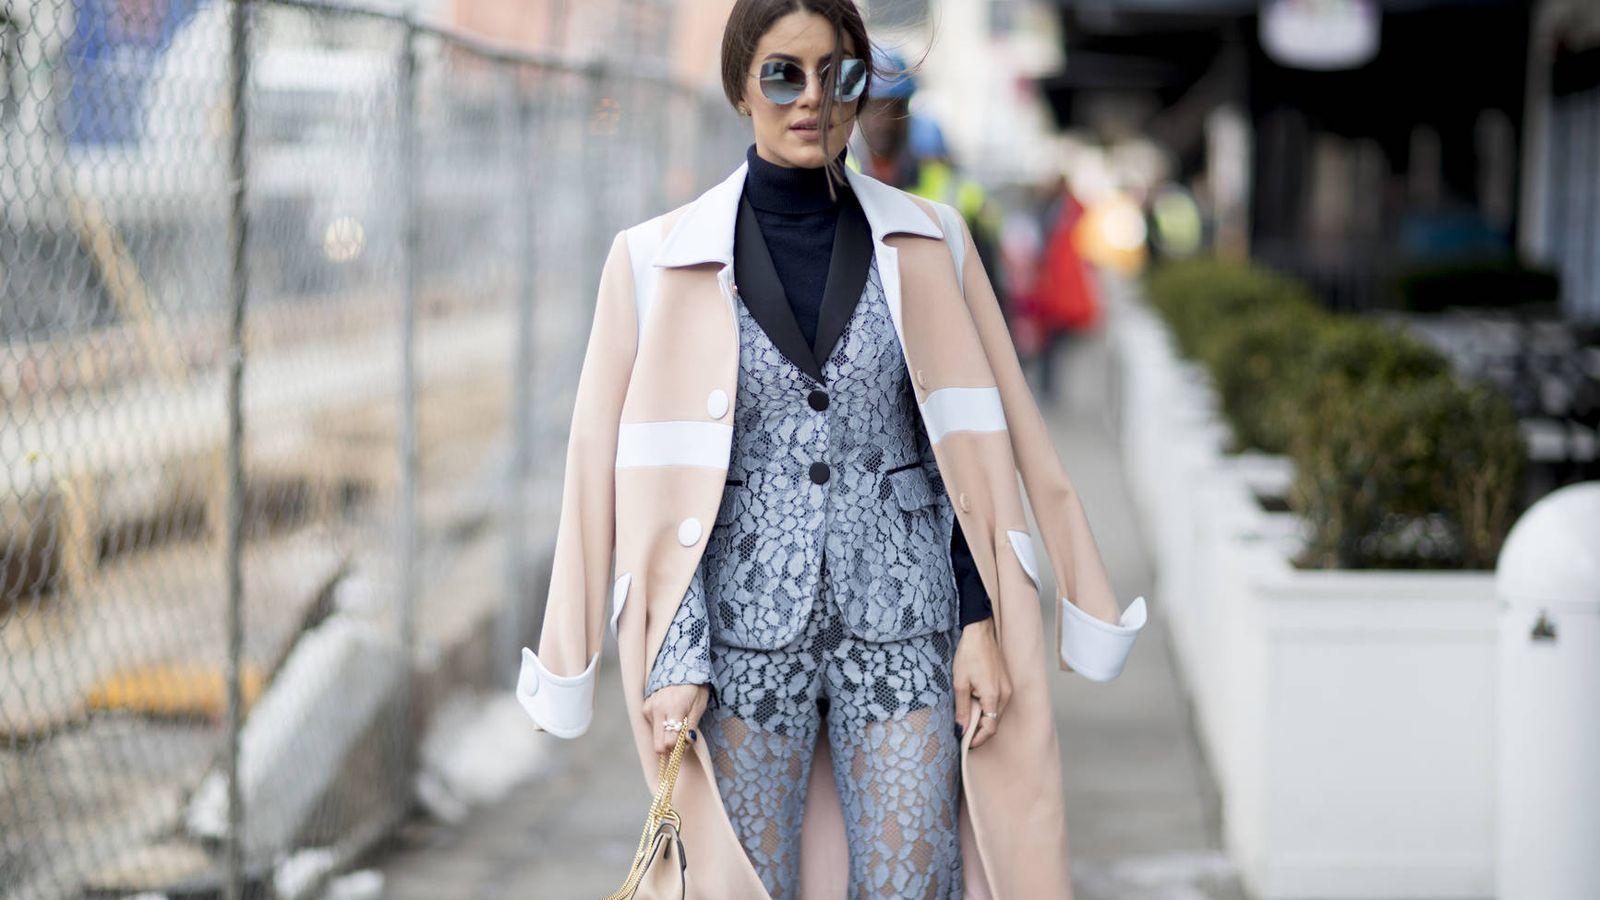 Foto: Estampado, de pana, lencero... Las 'influencers' tienen las claves para combinarlo con maestría. (Foto: Imaxtree)